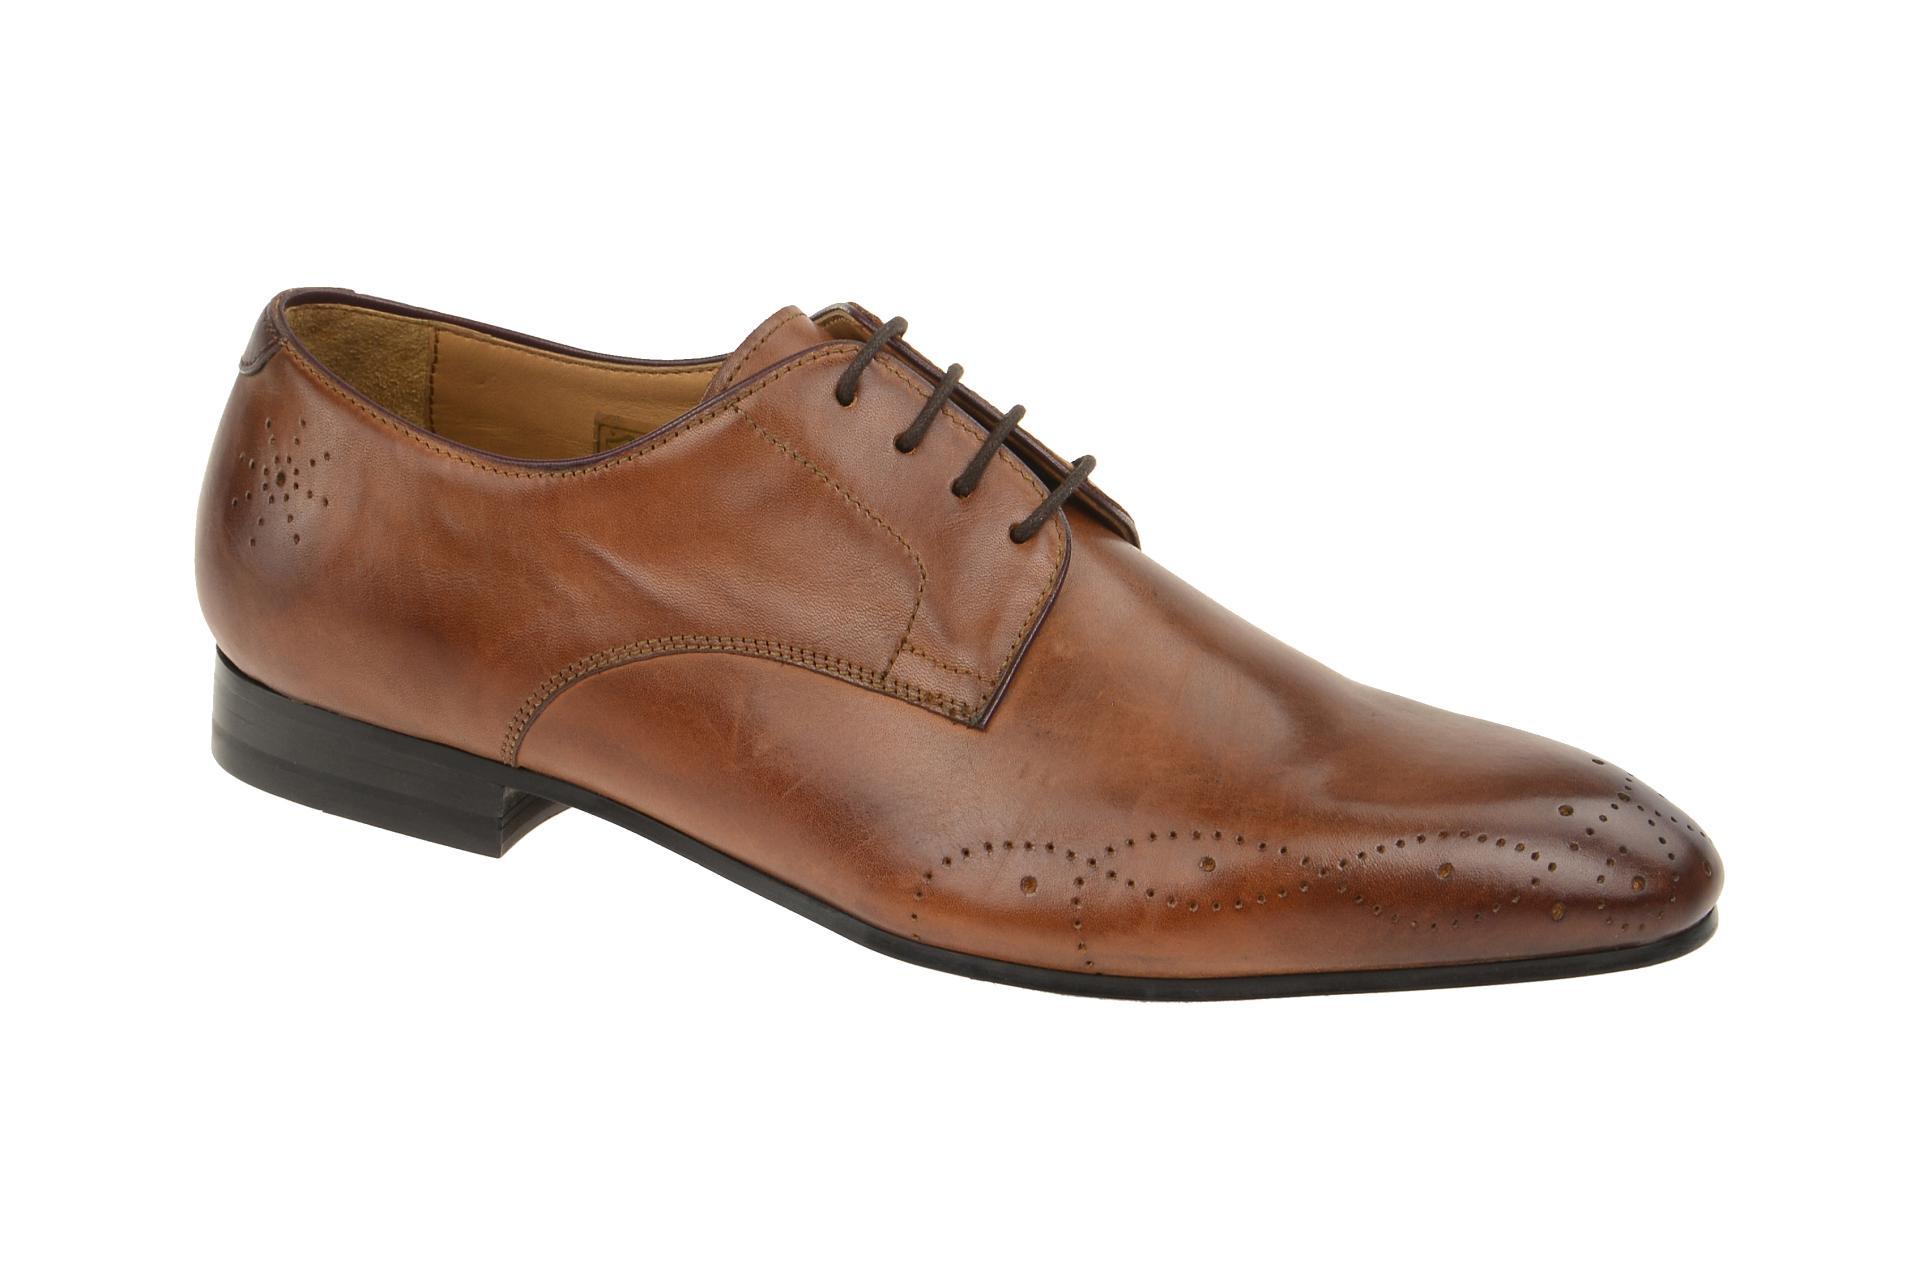 Gordon & Bros. Gordon & Bros Schuhe Matteo braun tan 623038 :: Braun - 41 - Männlich - Erwachsene